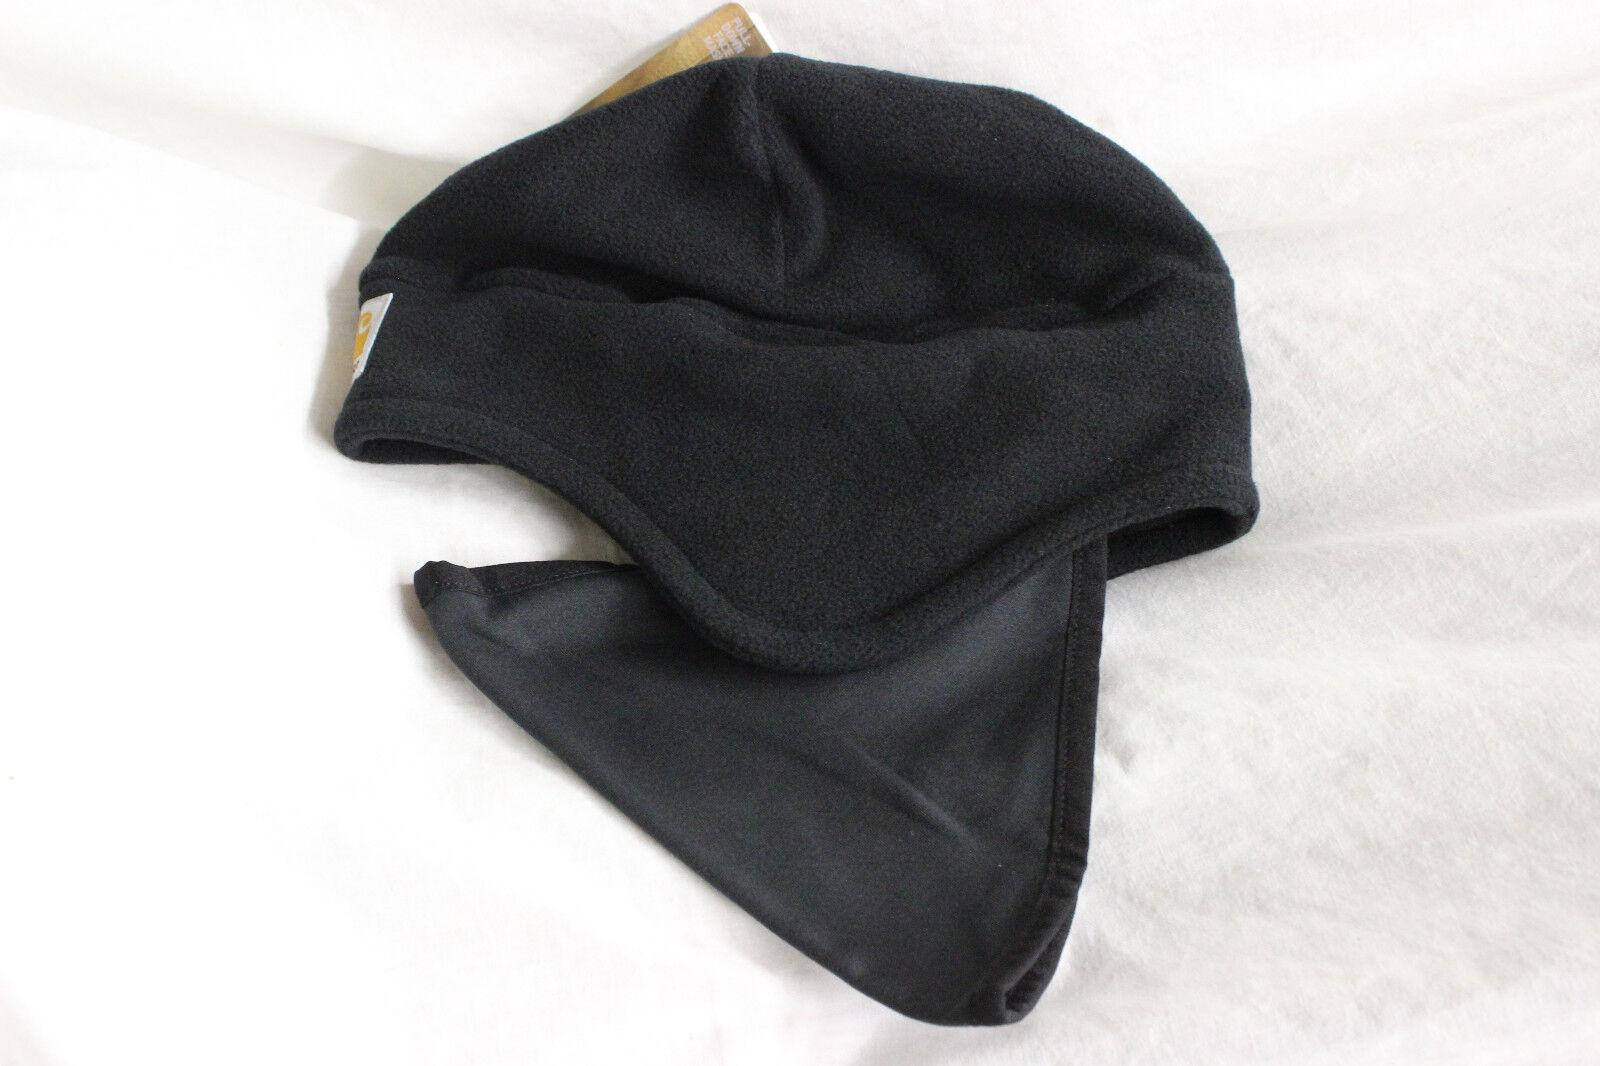 CARHARTT 2N1 HEADWEAR WATCH HAT BEANIE 2 IN 1 SOCK CAP MASK A202 NEW